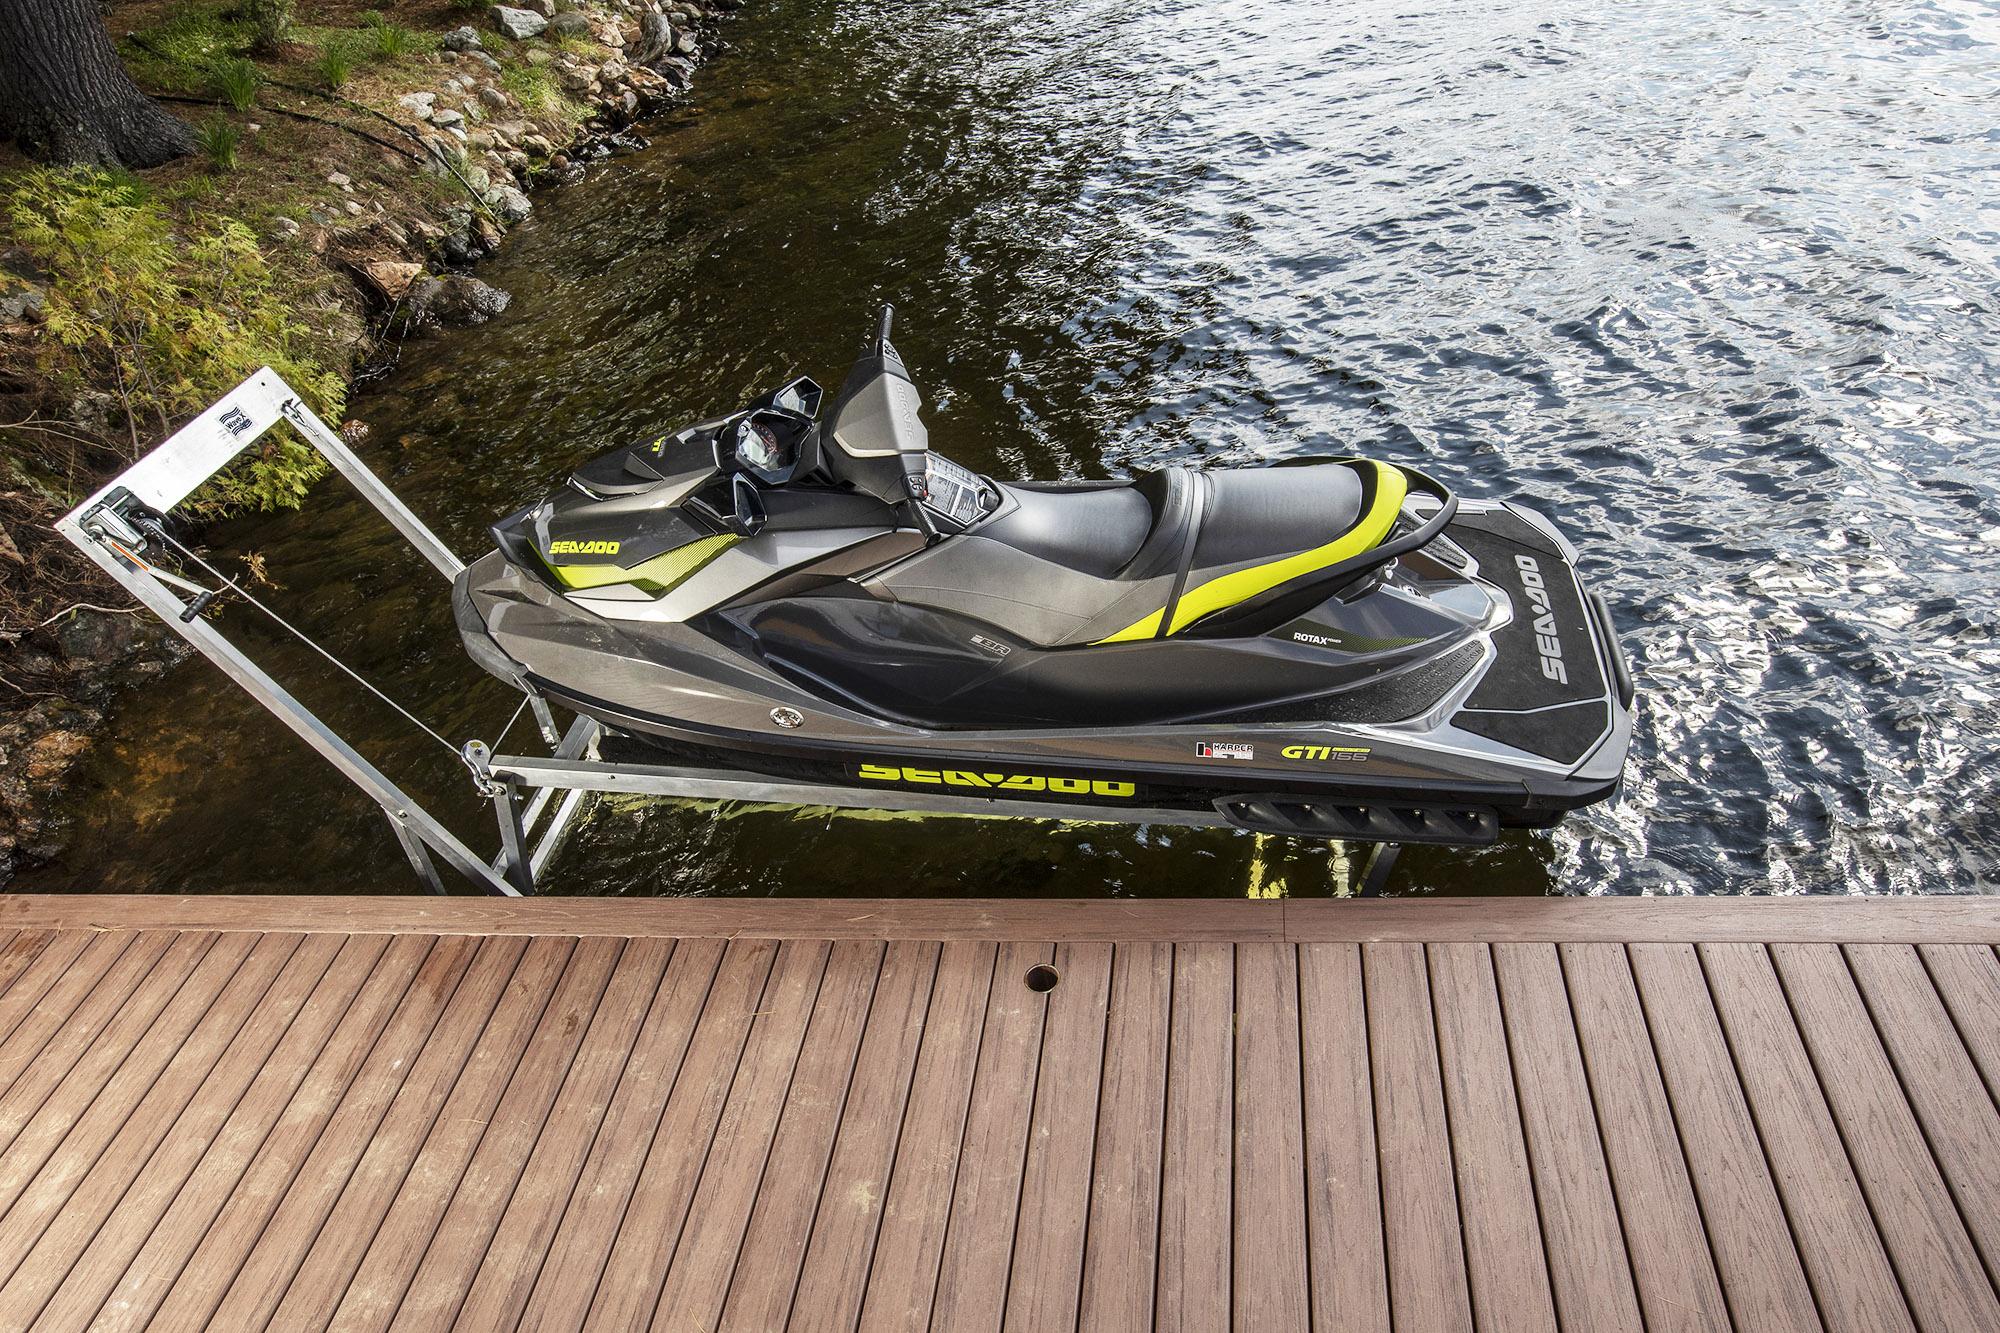 Personal Watercraft Lifts